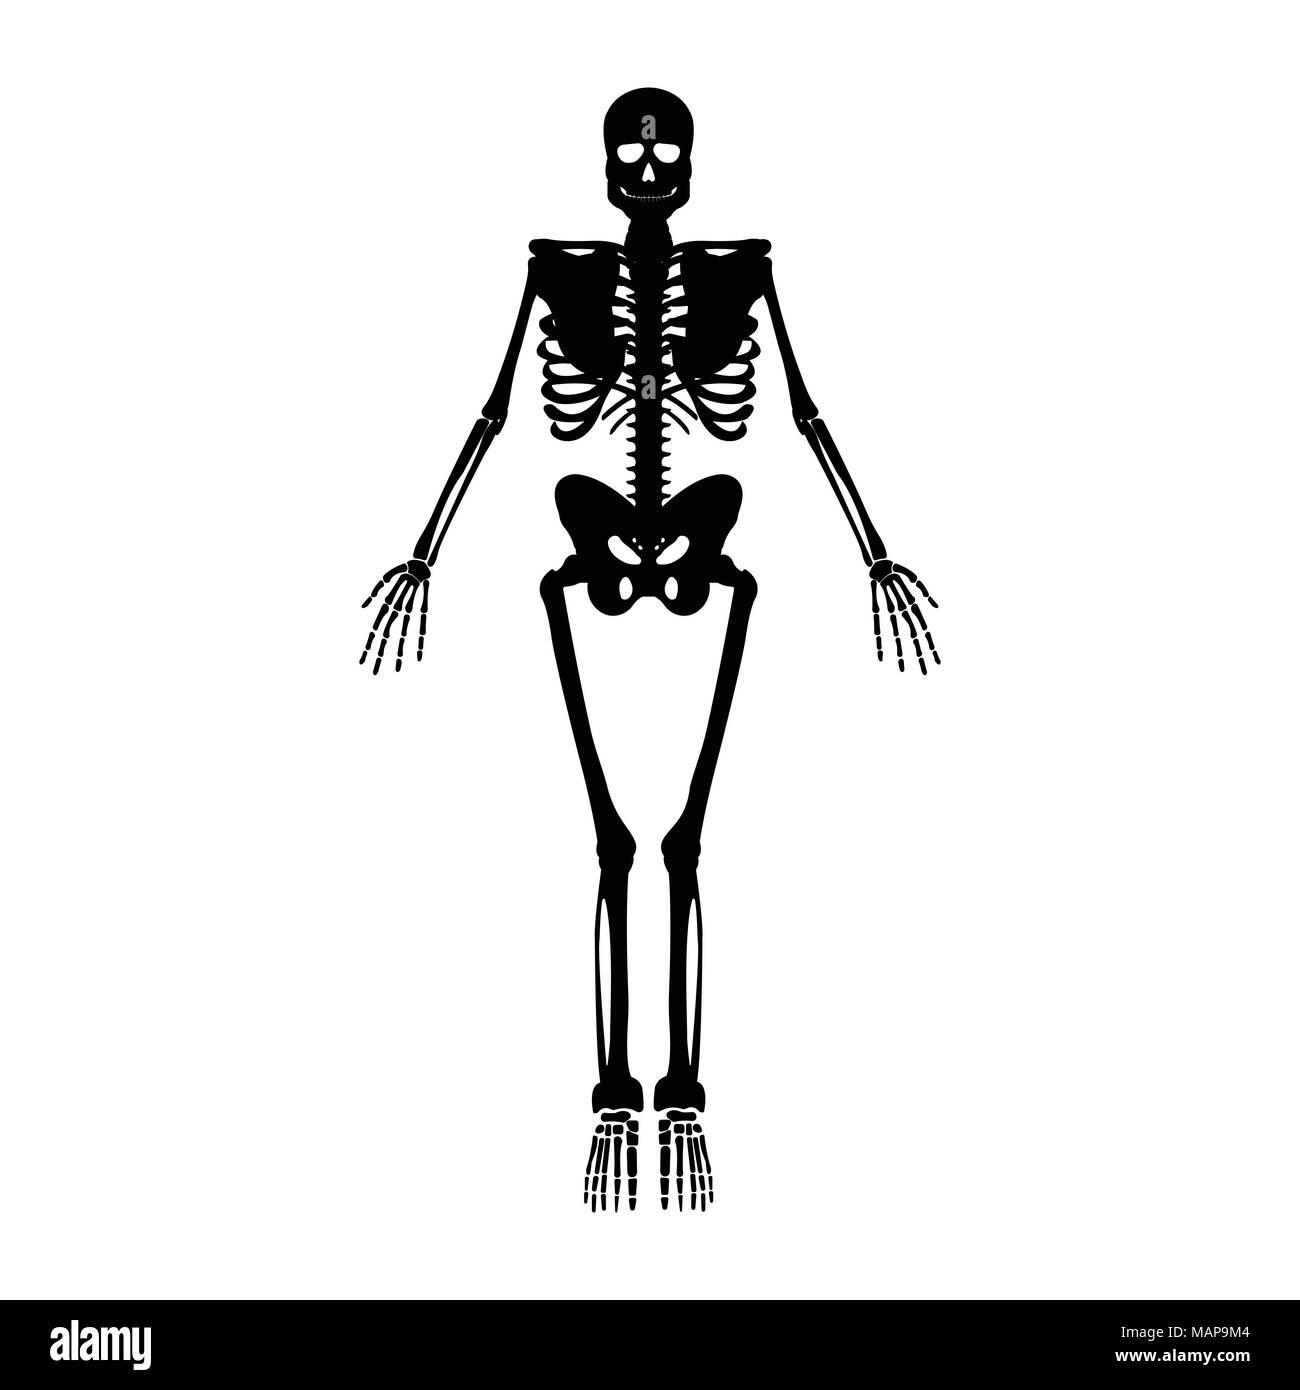 Skelett-Symbol. Menschliches Skelett Vorderseite Silhouette. Auf weissem Hintergrund. Vector Illustration. Stockbild